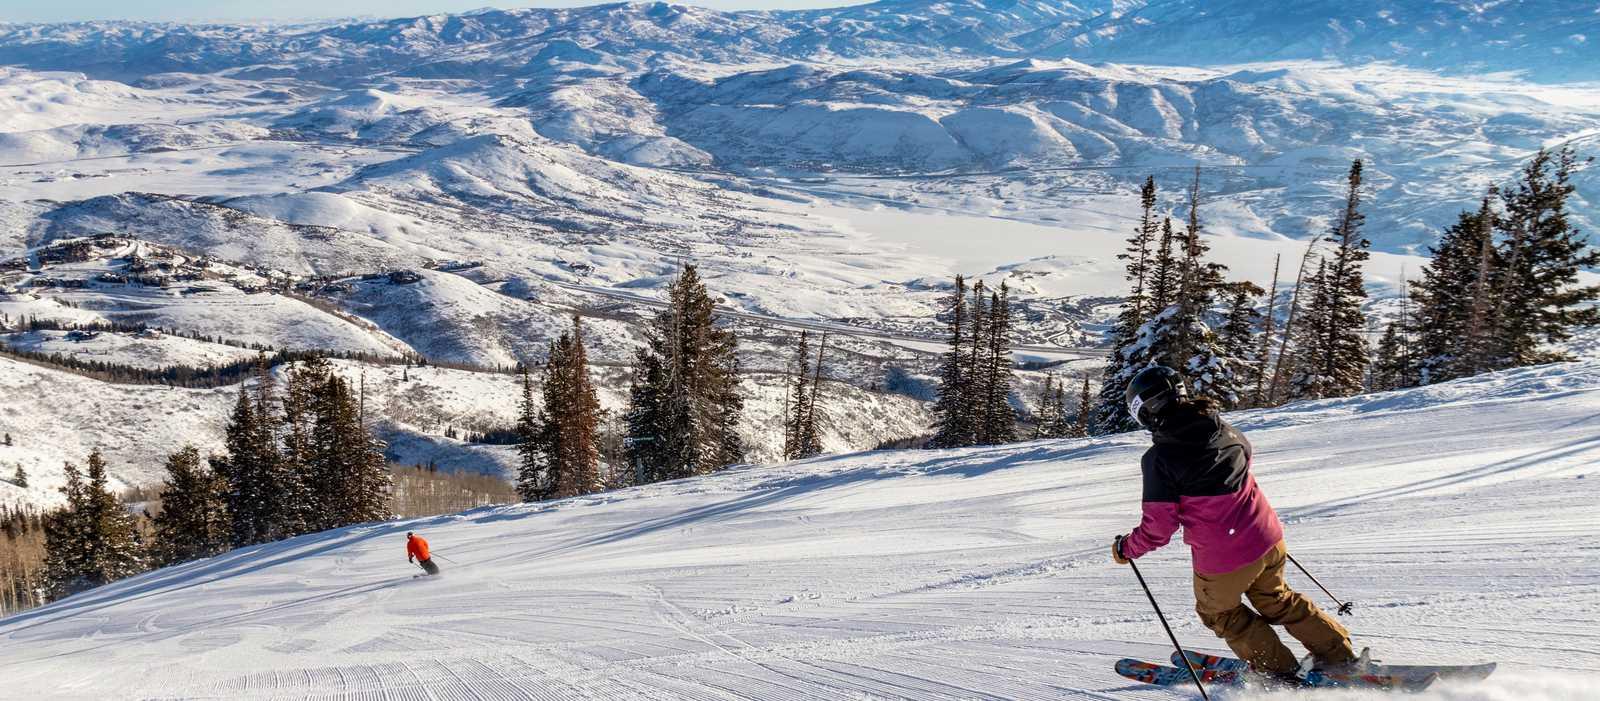 Skifahrer auf der Abfahrt ins Tal des Deer Valley in Park City, Utah